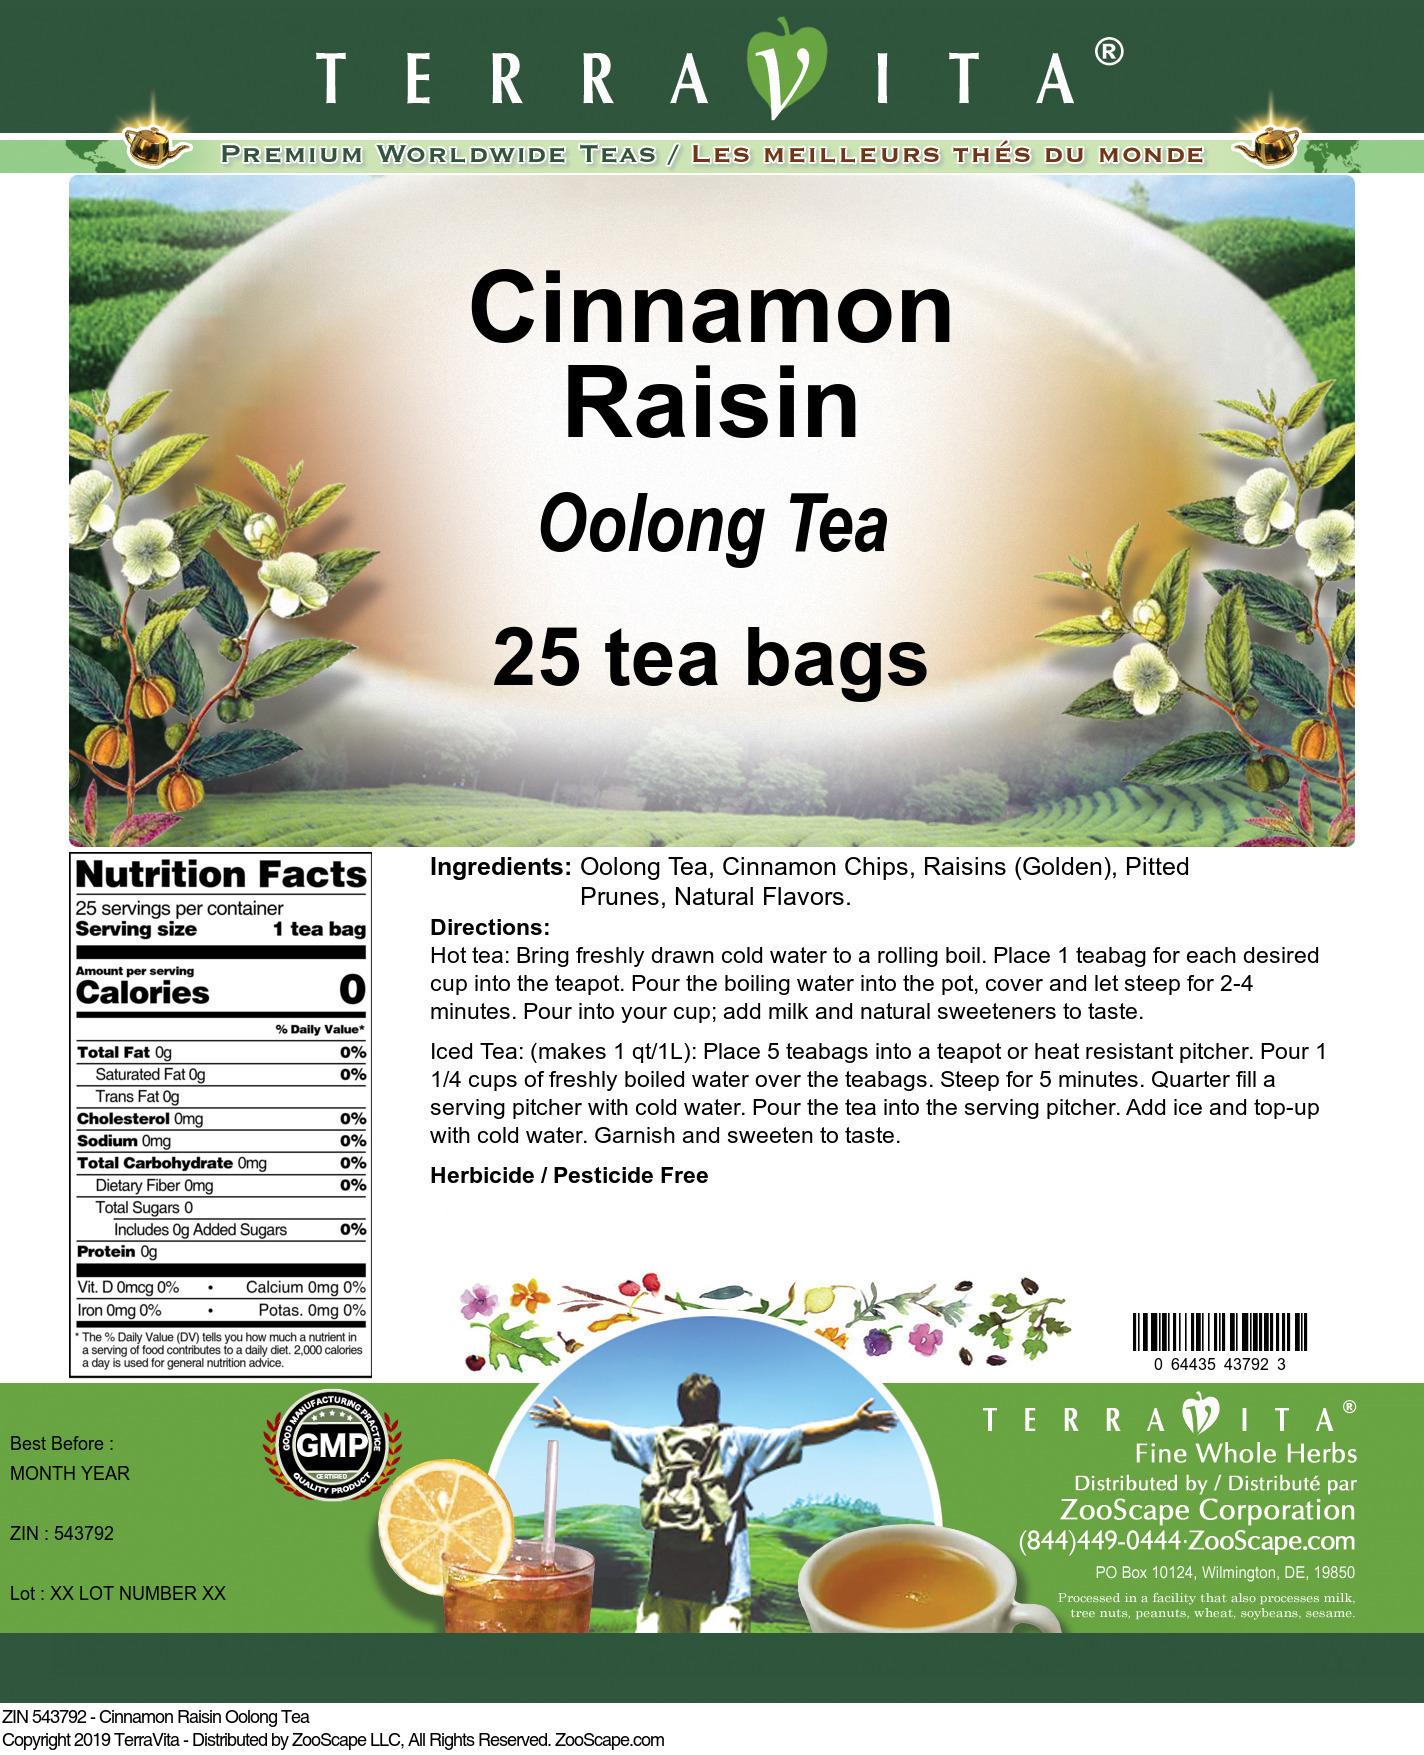 Cinnamon Raisin Oolong Tea